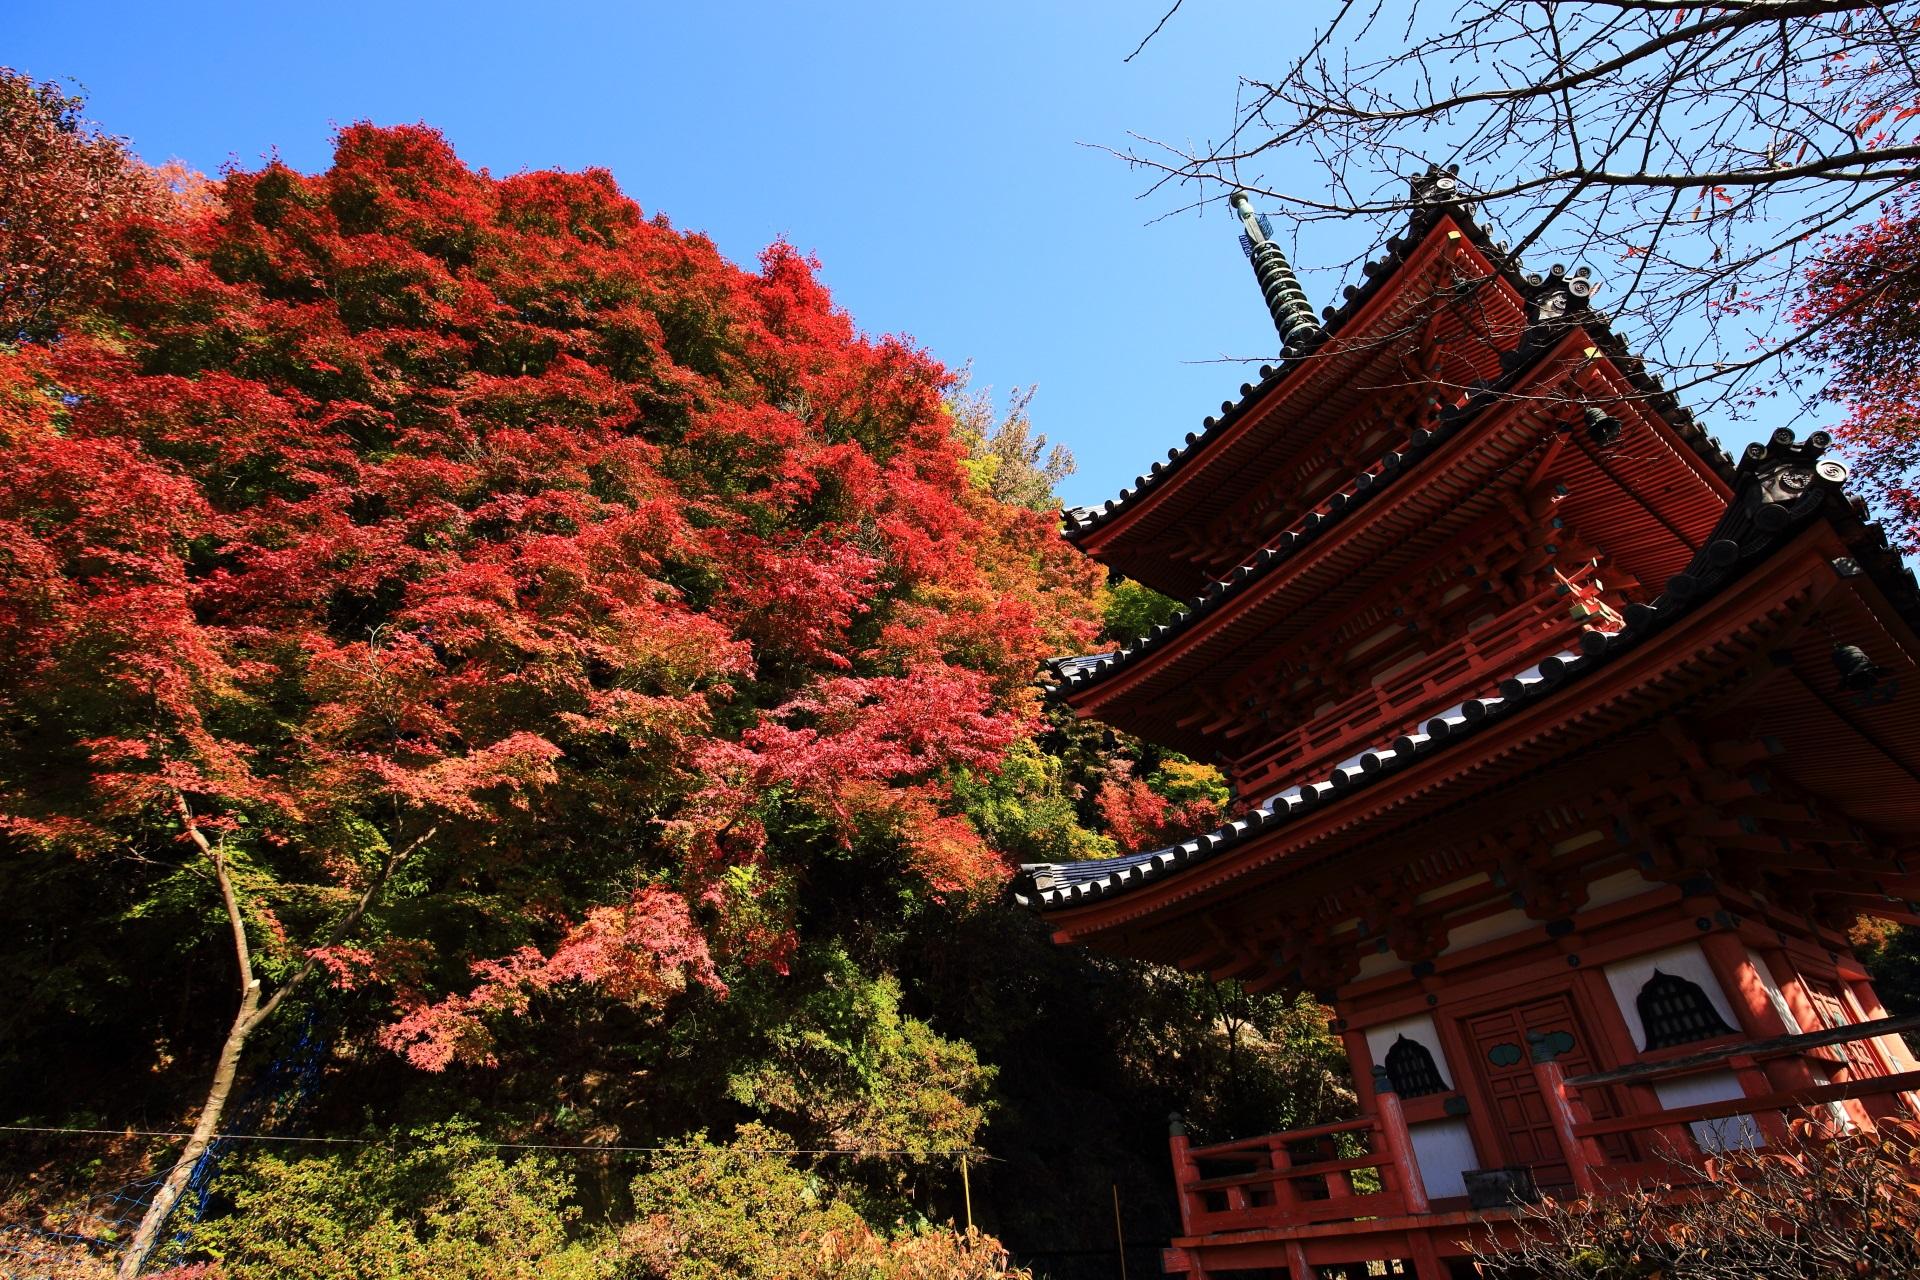 三室戸寺の三重塔と紅葉